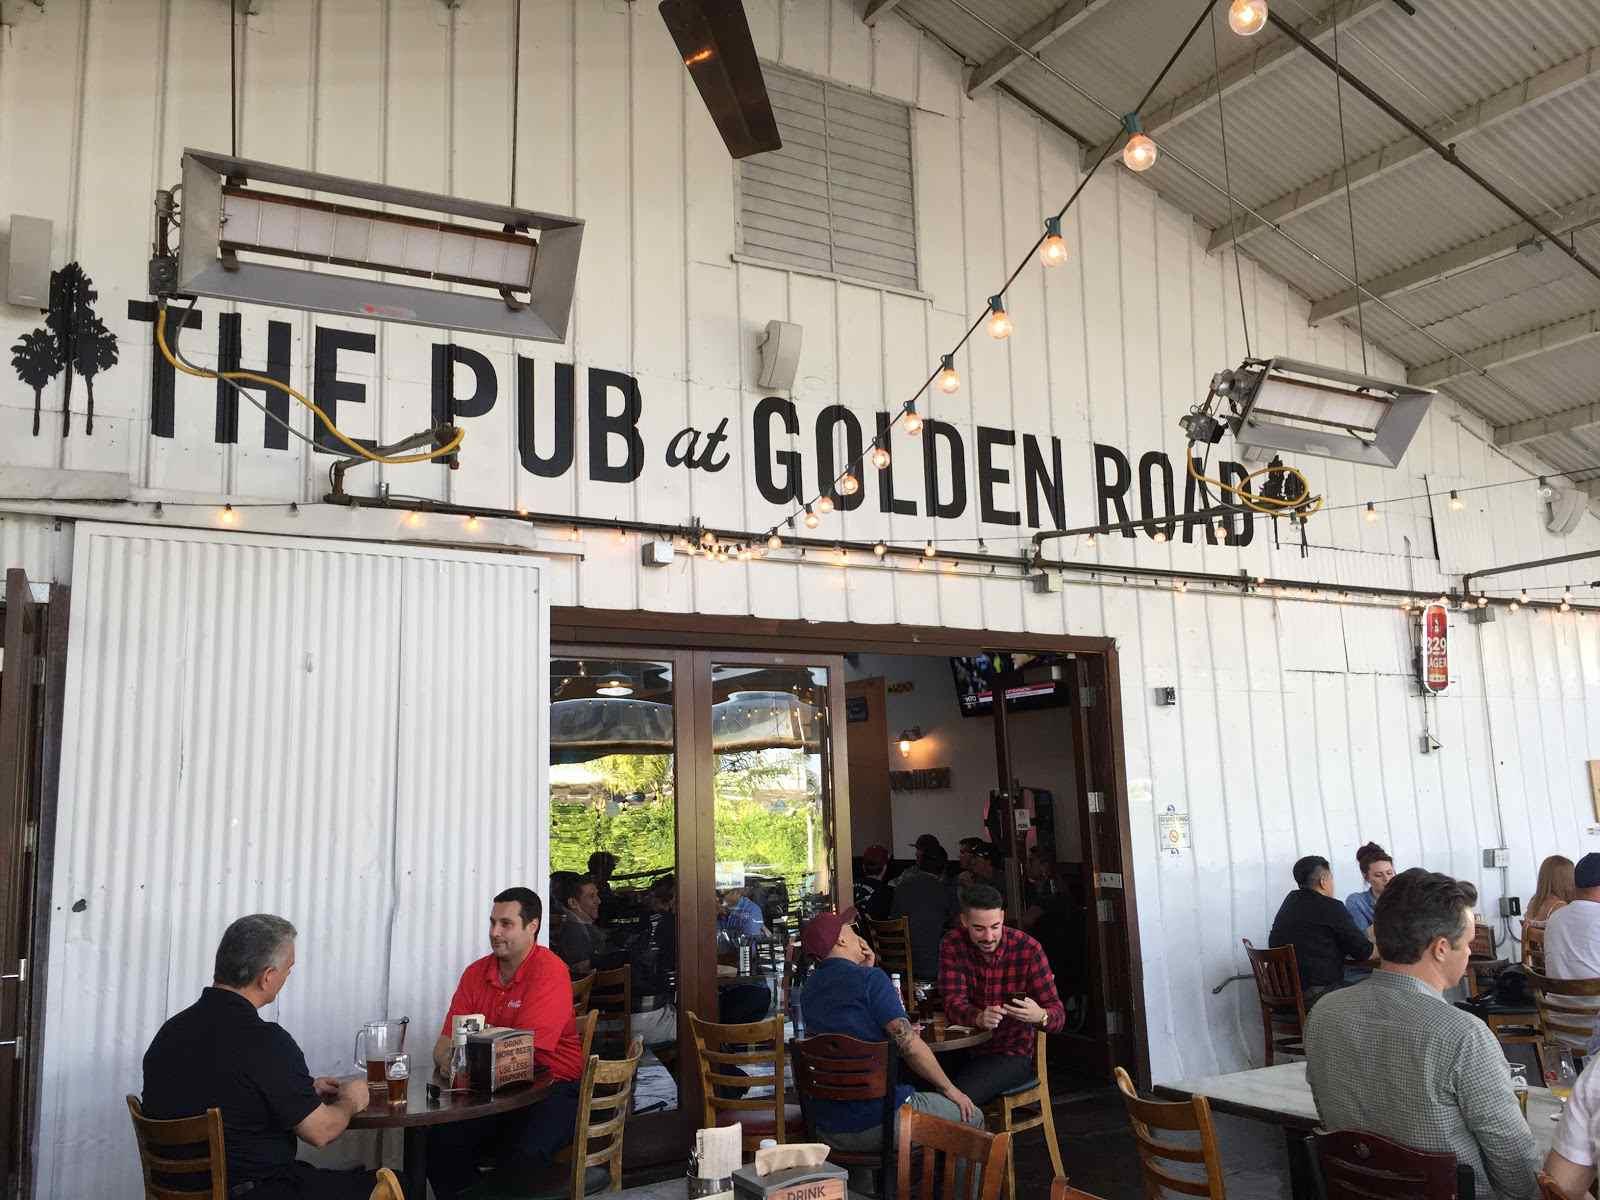 Un patio al aire libre en The Pub en Golden Road Brewery en Los Ángeles